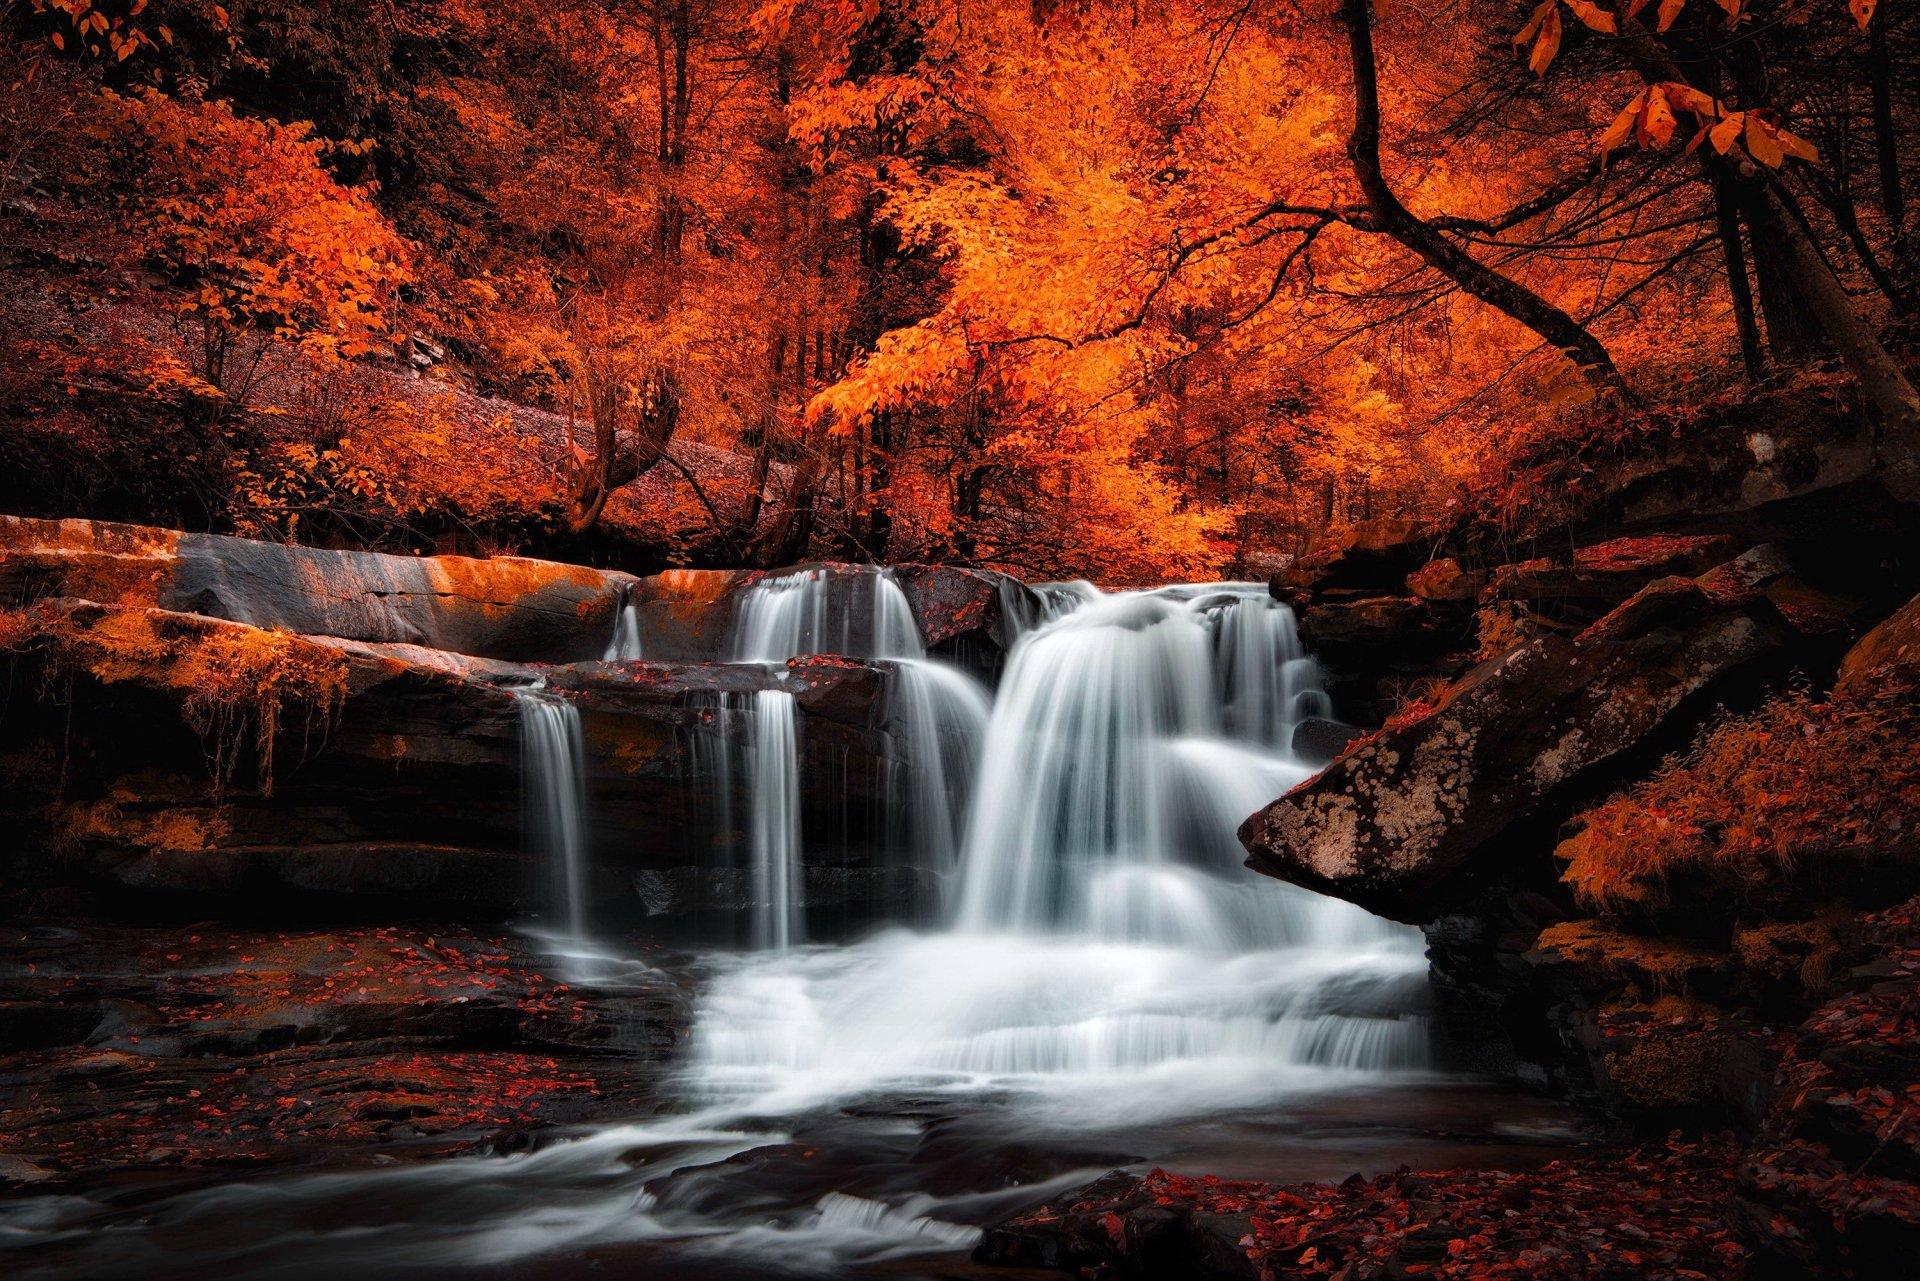 Hình ảnh thác nước đẹp tuyệt vời